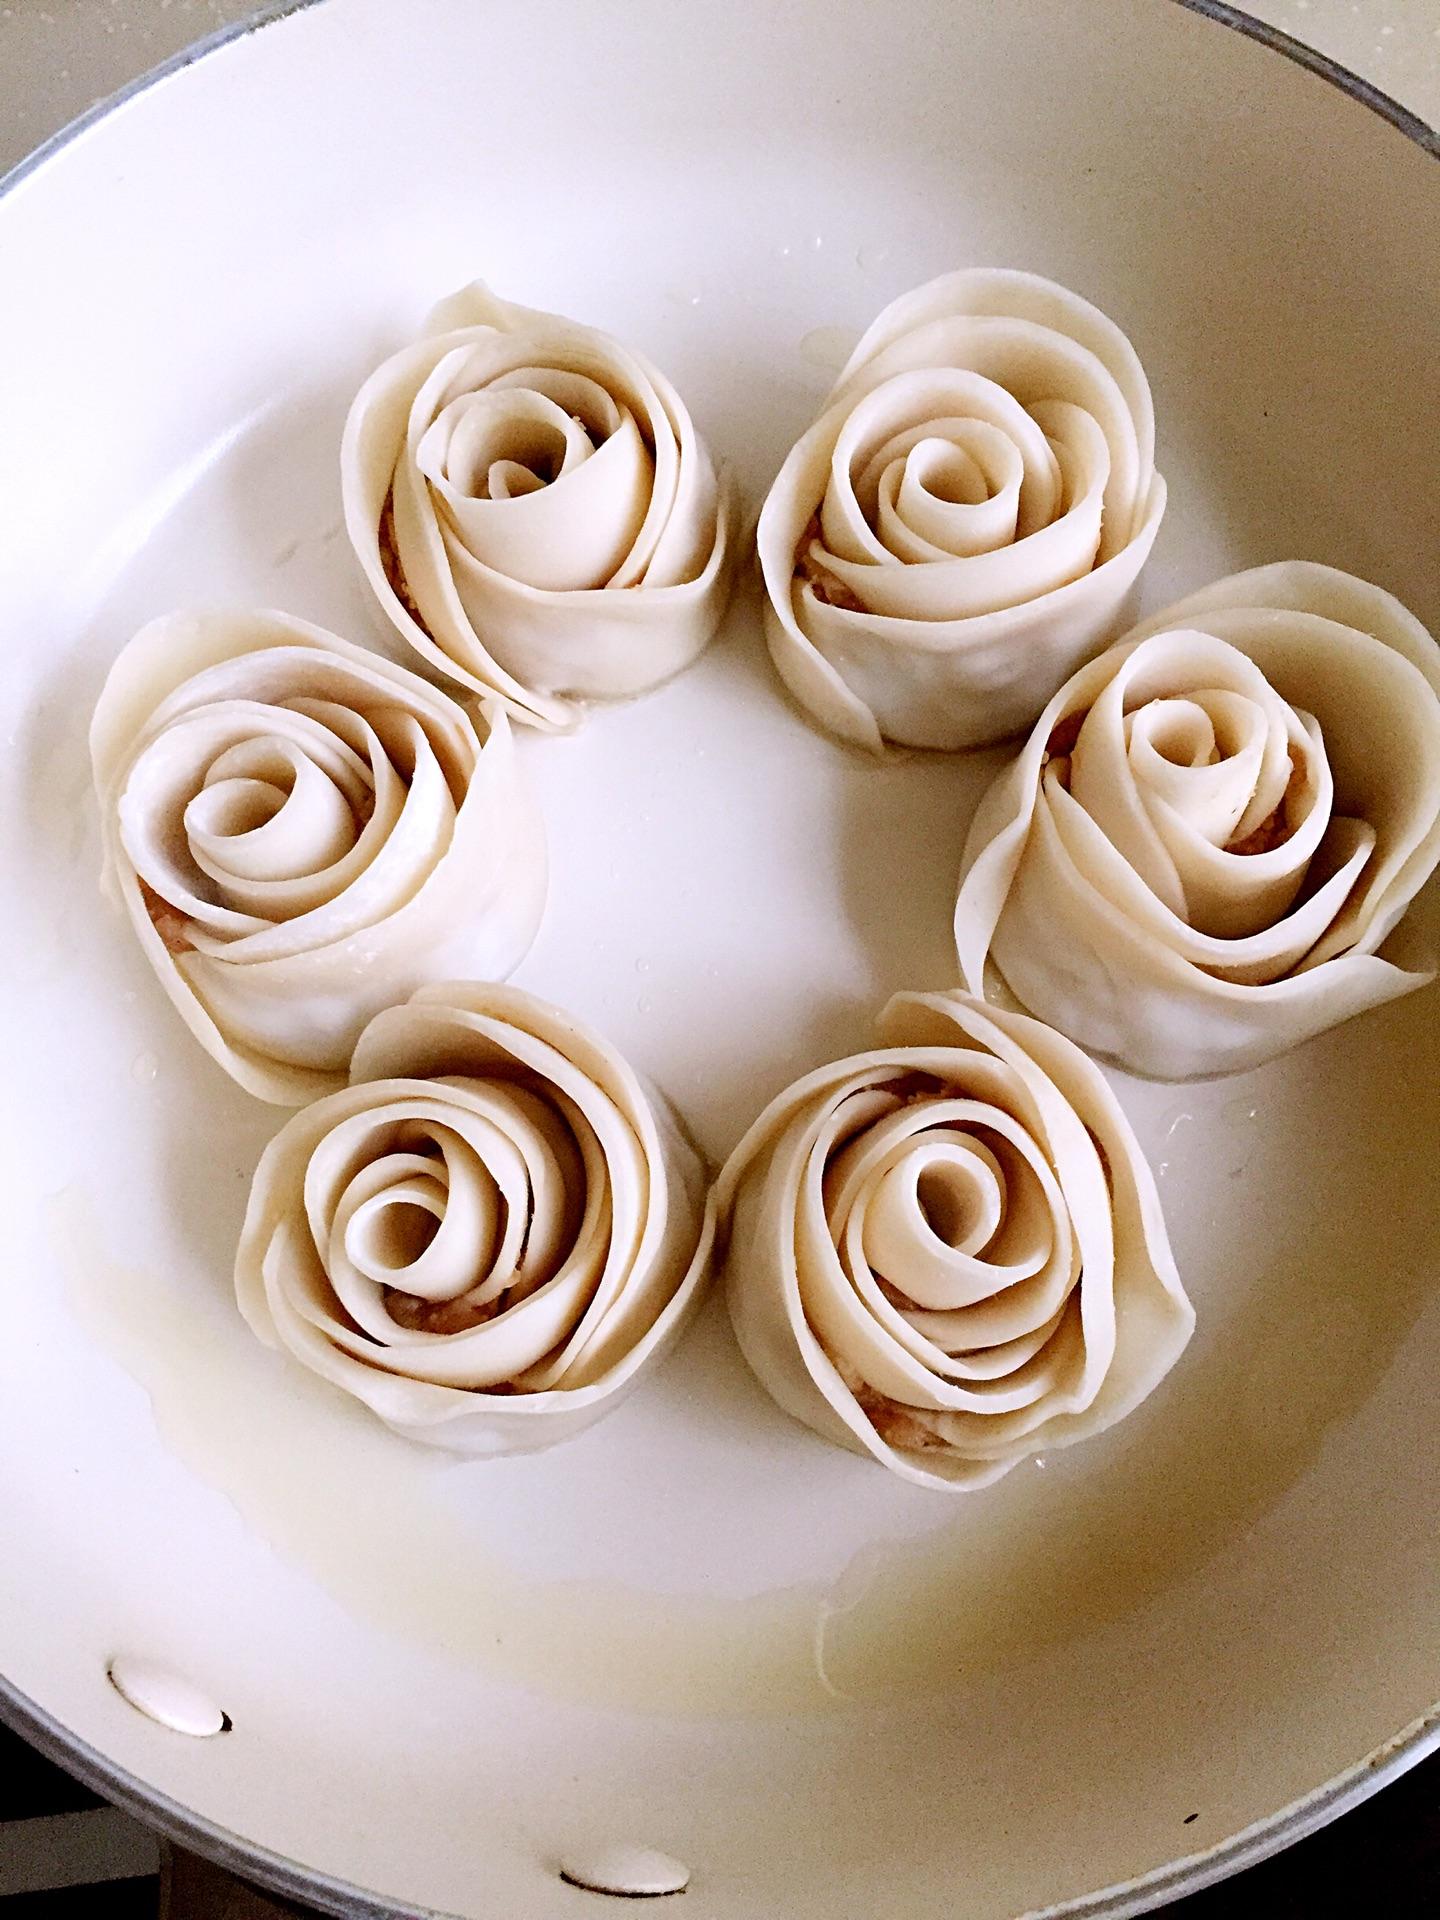 玫瑰花饺子的做法图解4